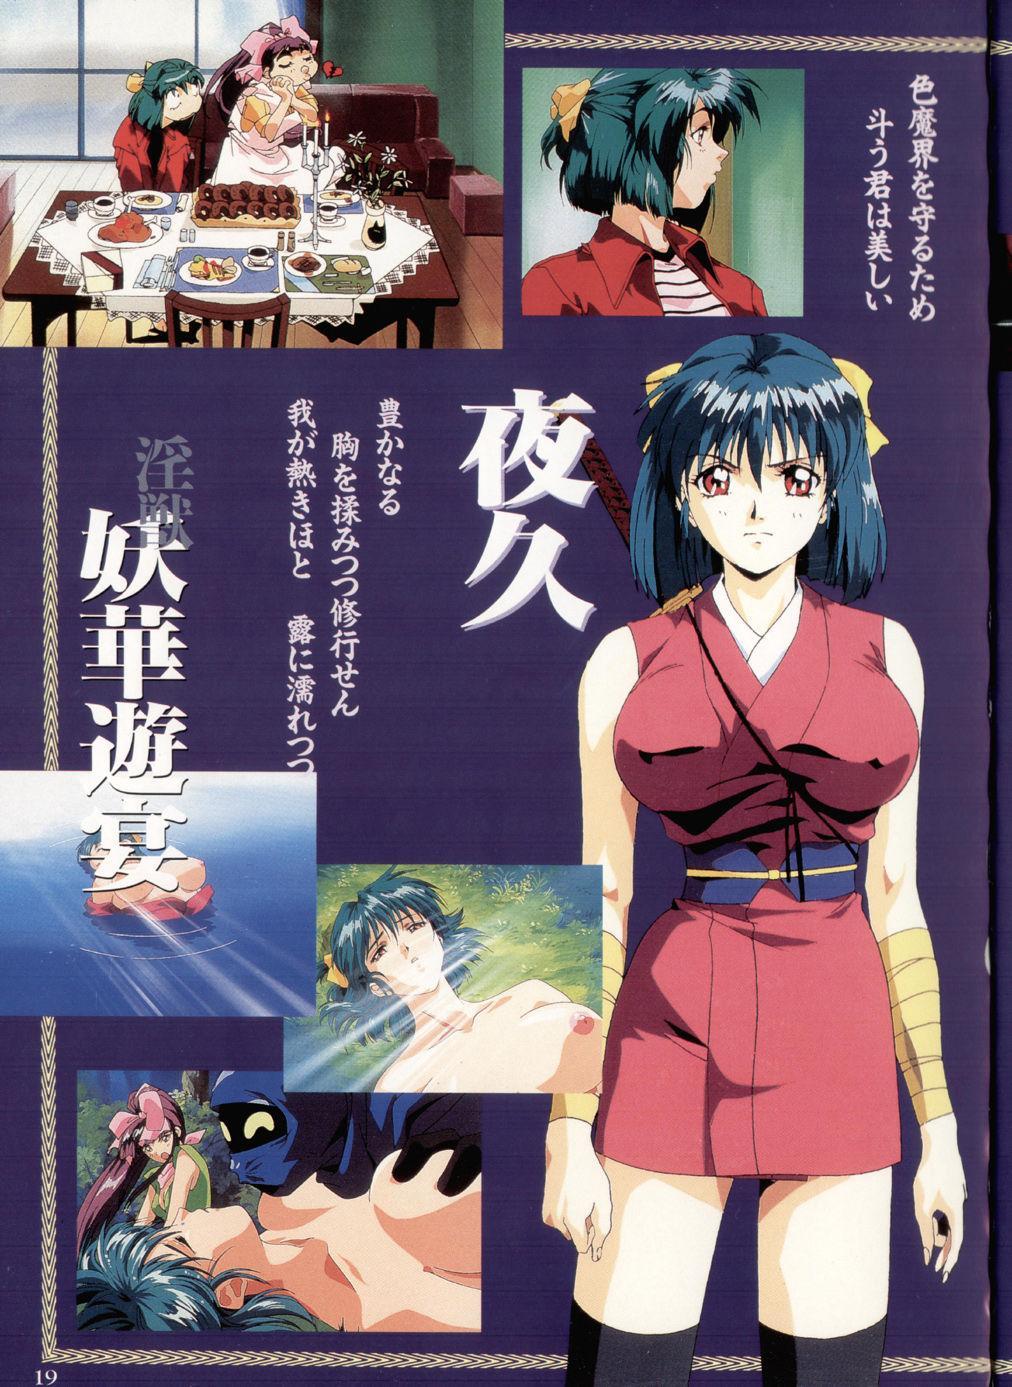 Injuu Gakuen You no Shou Secret File 14